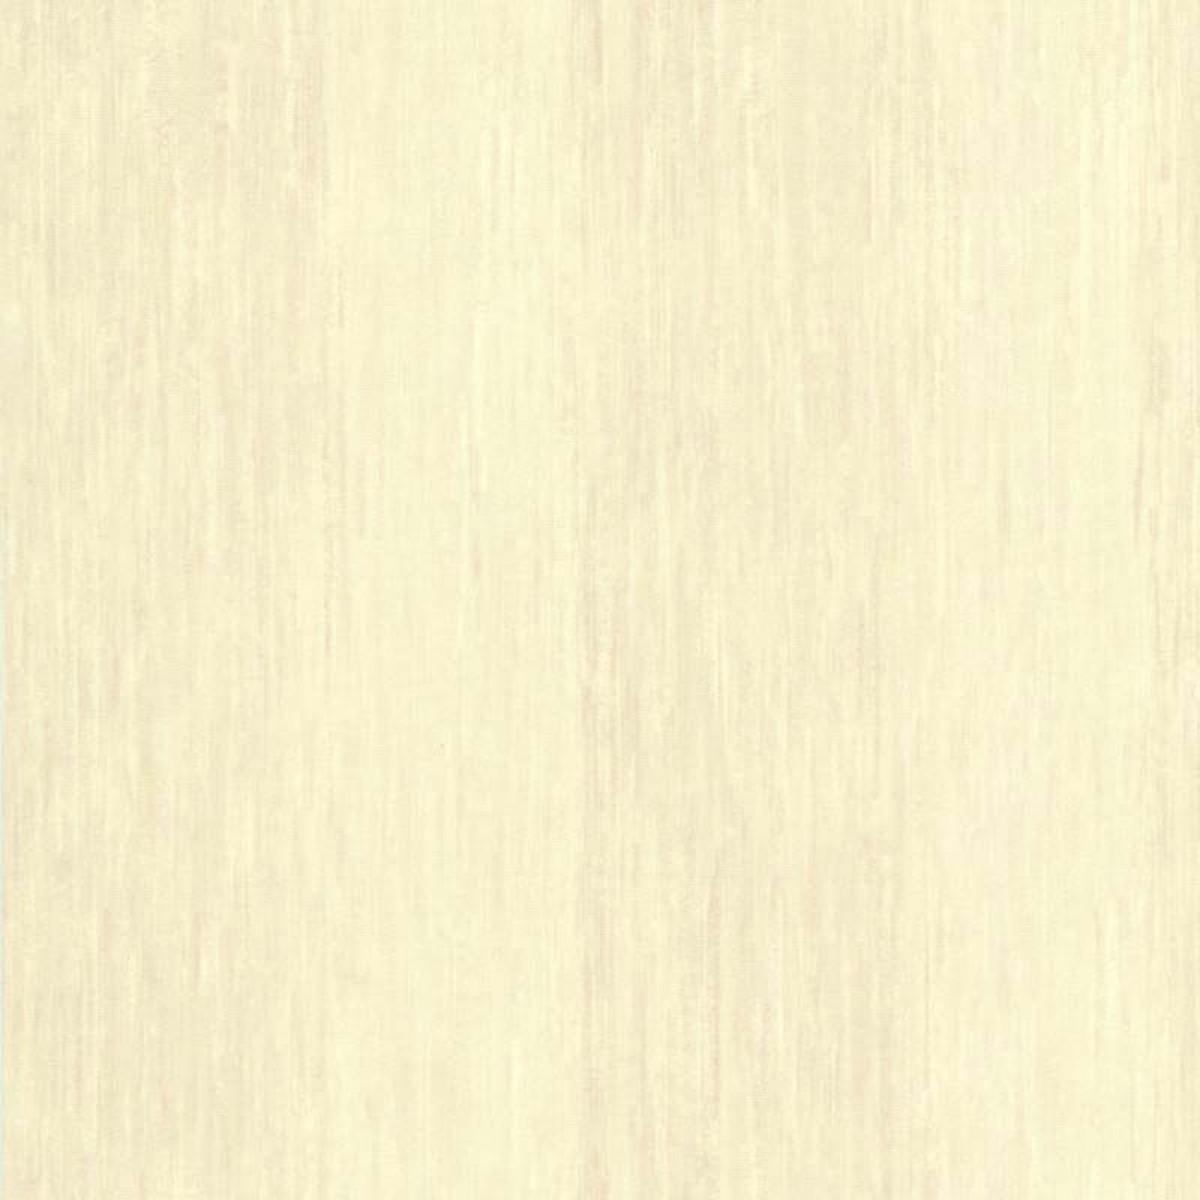 Обои флизелиновые Lutece Spirit бежевые 0.53 м 28170207